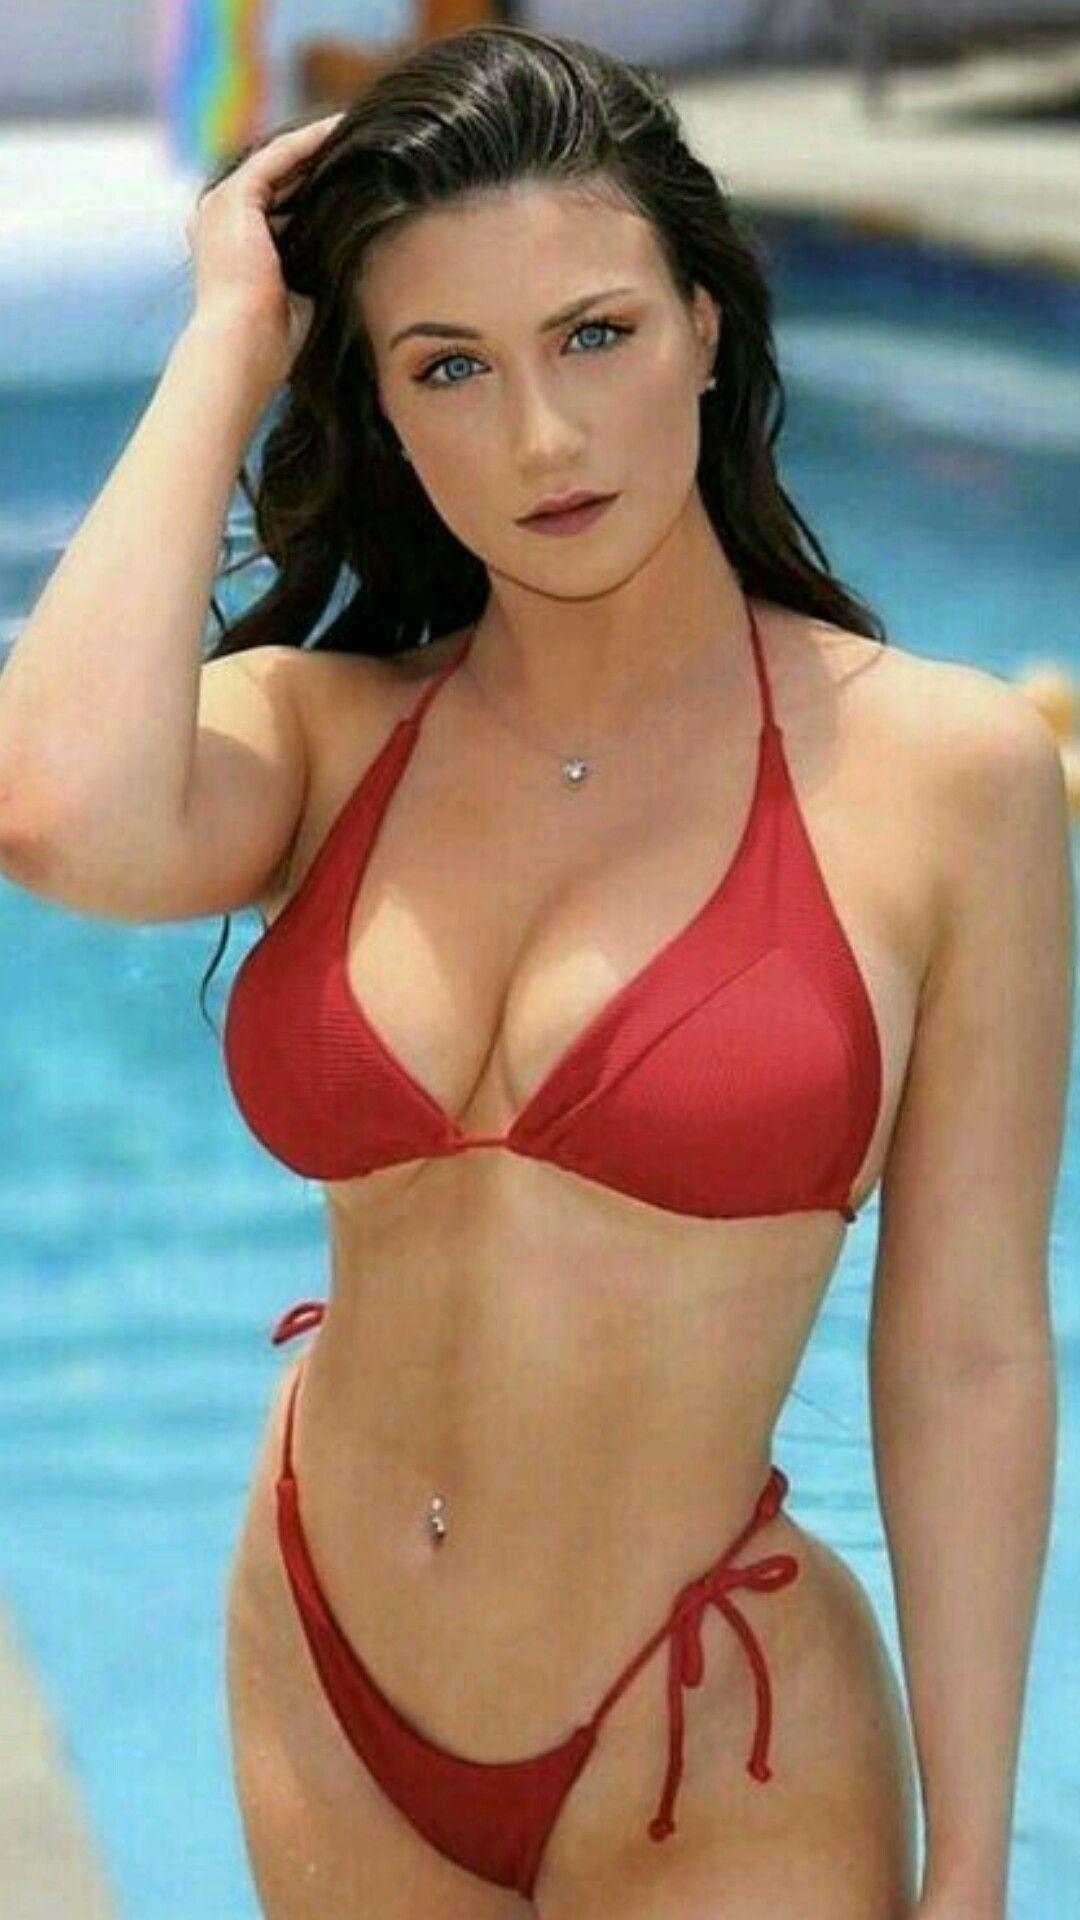 Milf bikini models Pin On Beautiful Bikini Model